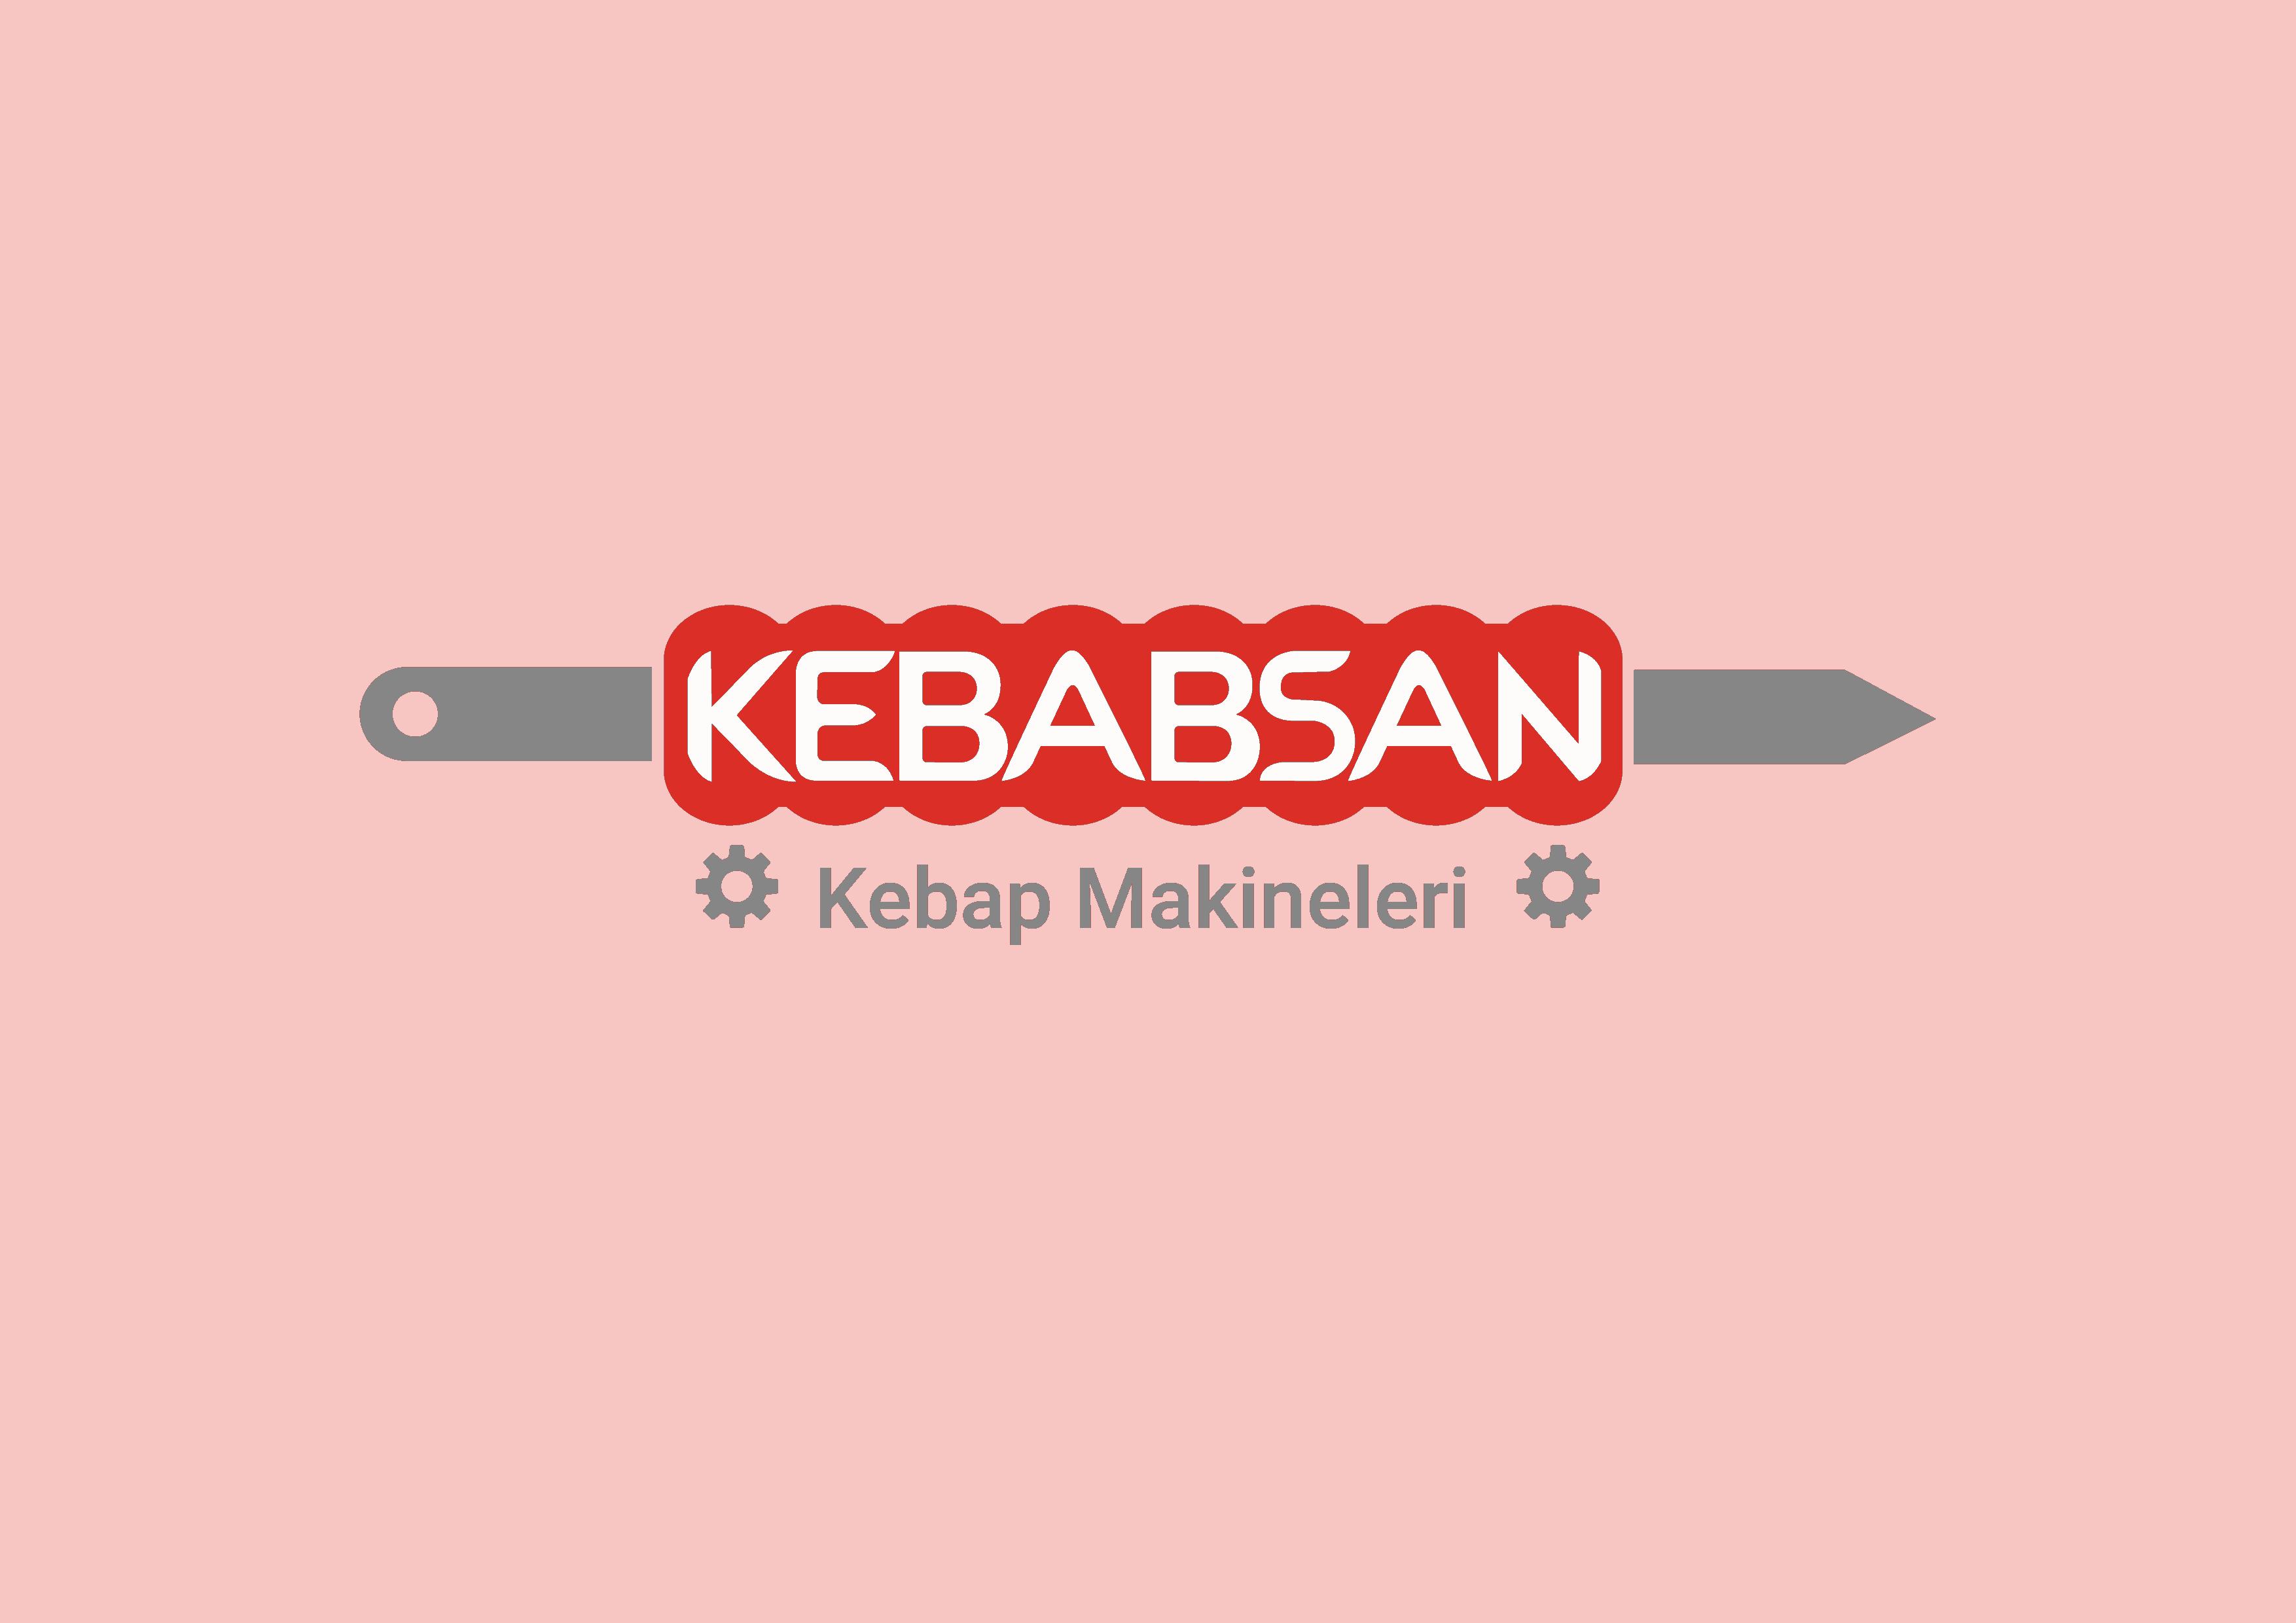 Kebabsan Logo